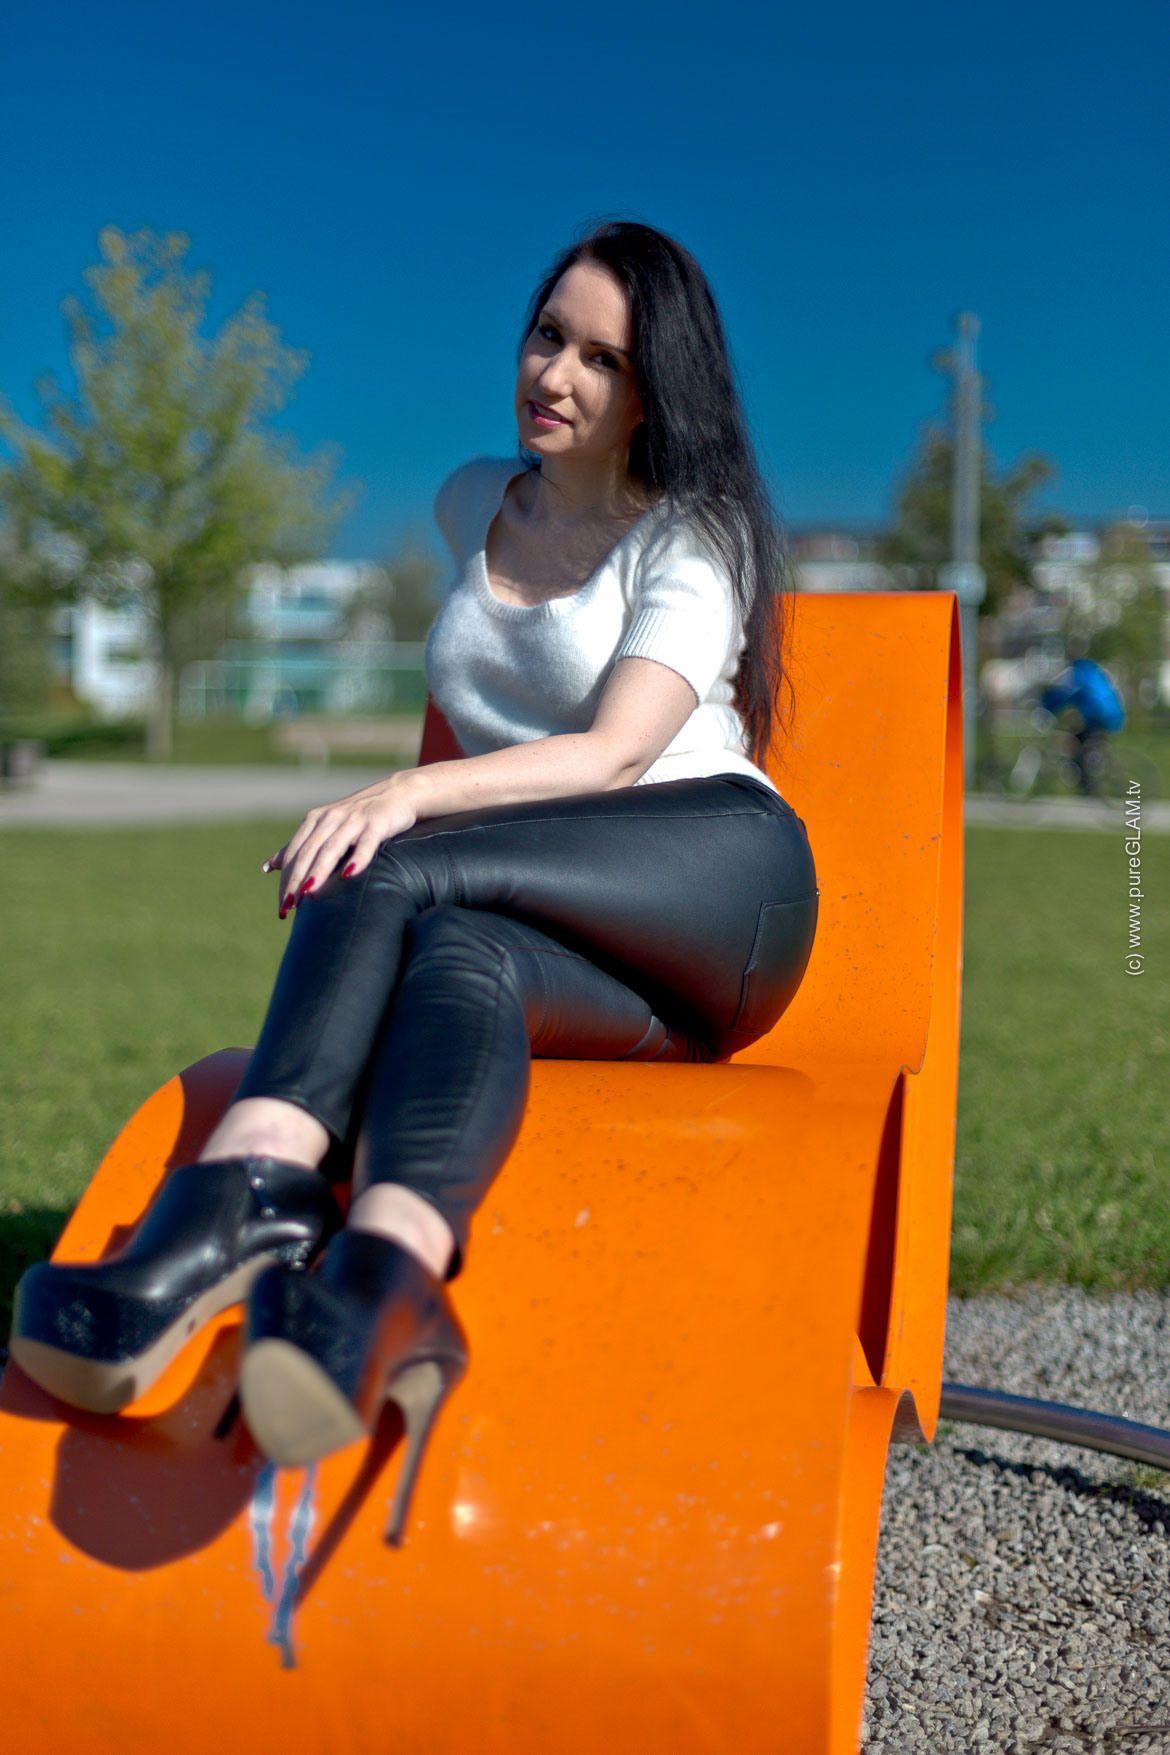 lederhose extreme high heels stiefel weisser pullover. Black Bedroom Furniture Sets. Home Design Ideas